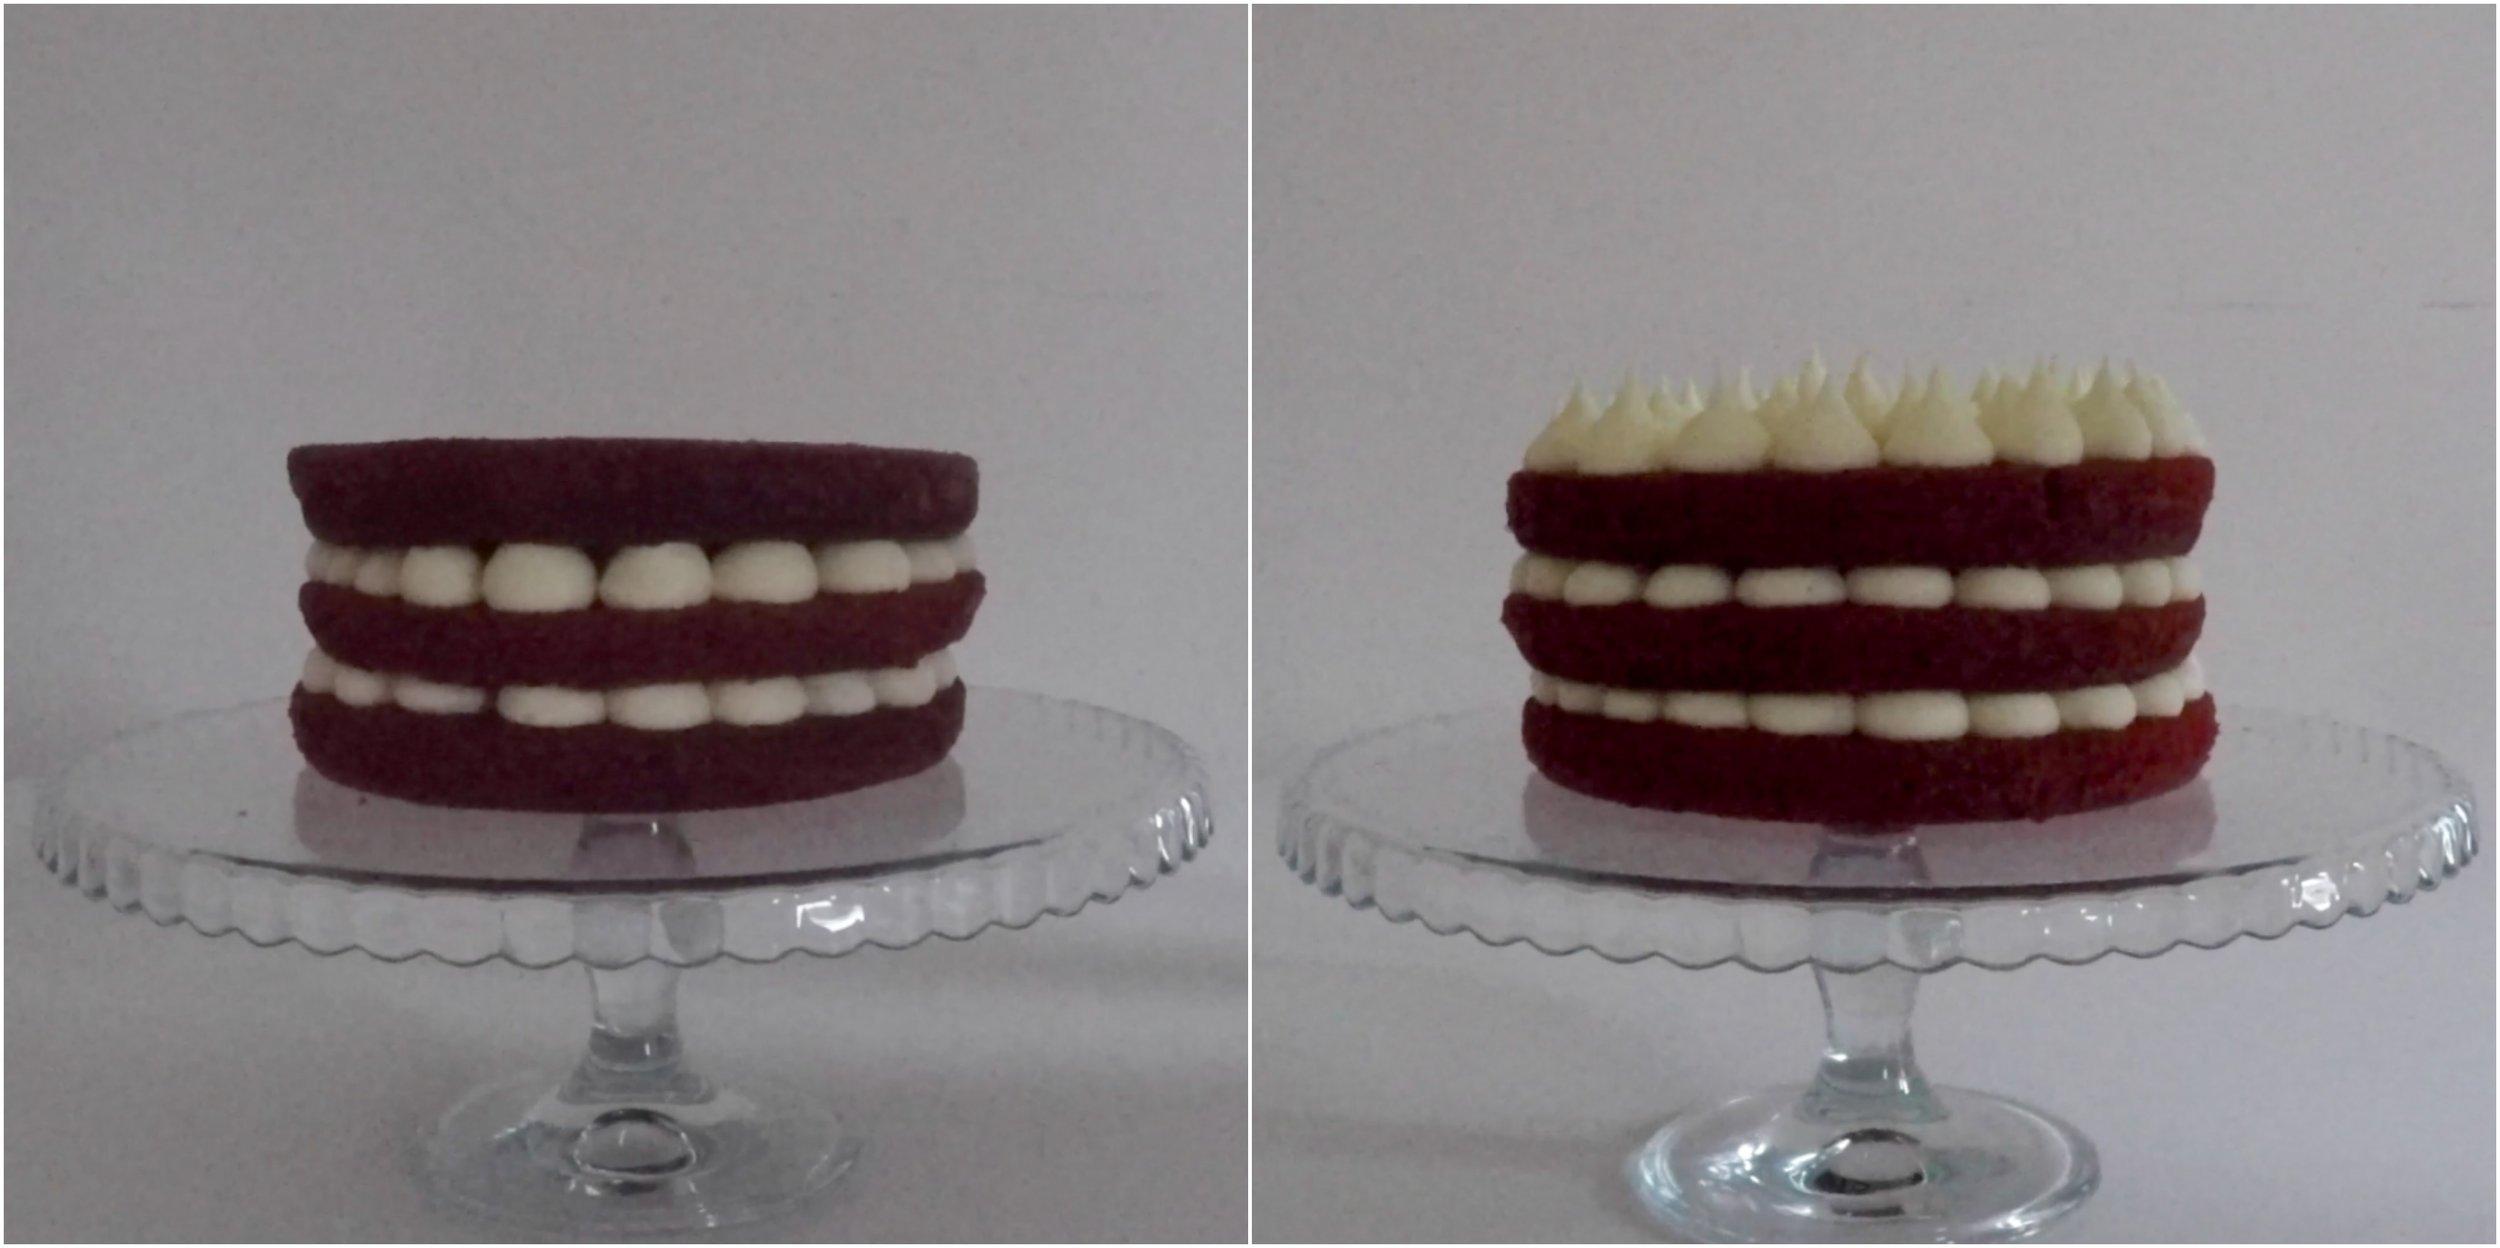 Red Velvet Cake 10-min.jpgRed Velvet Cake filled with Cream Cheese Frosting